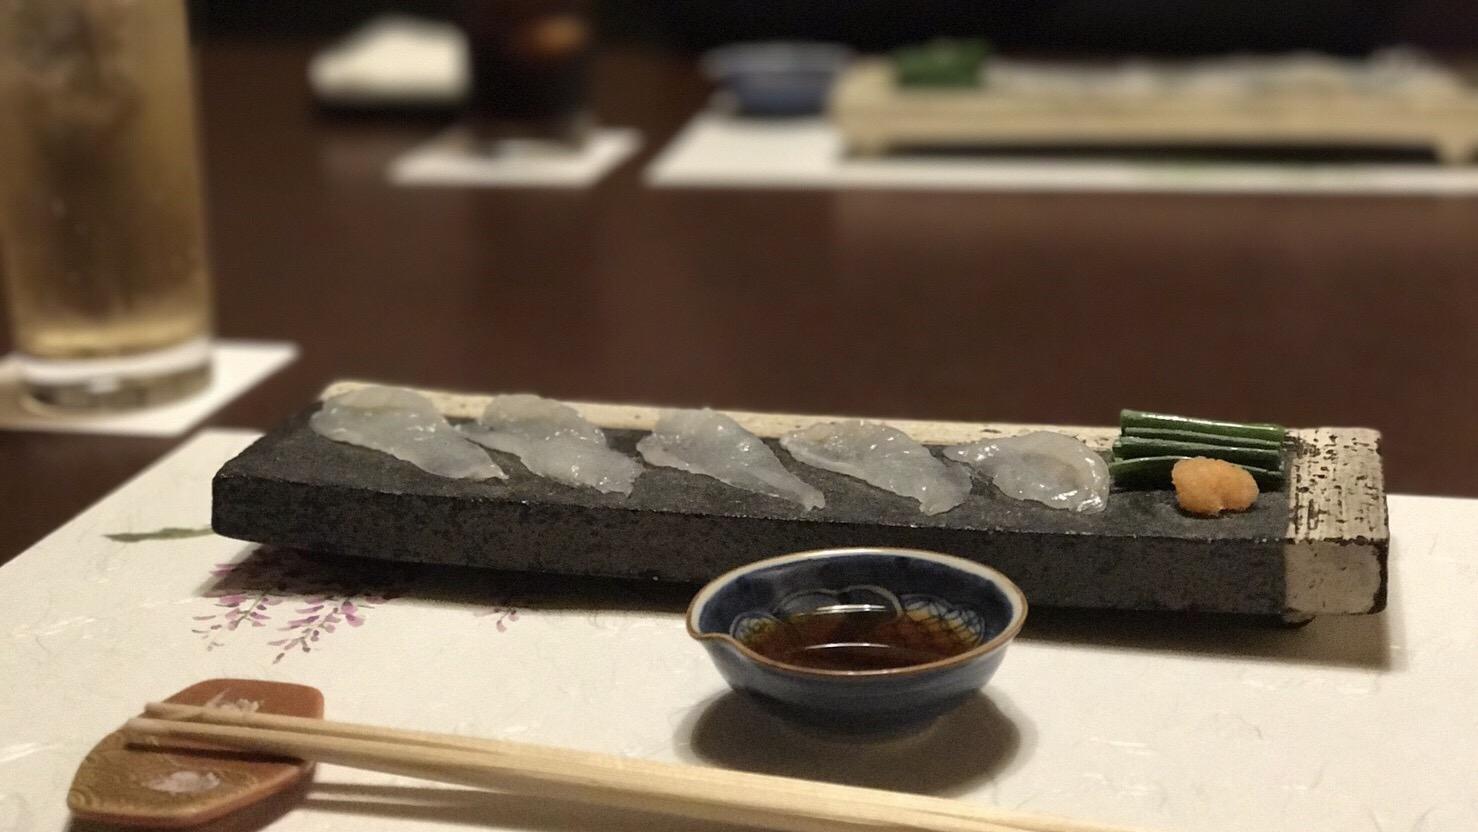 歌舞伎町で全席個室、落ち着いた空間で美味しいものを食べたい方に。